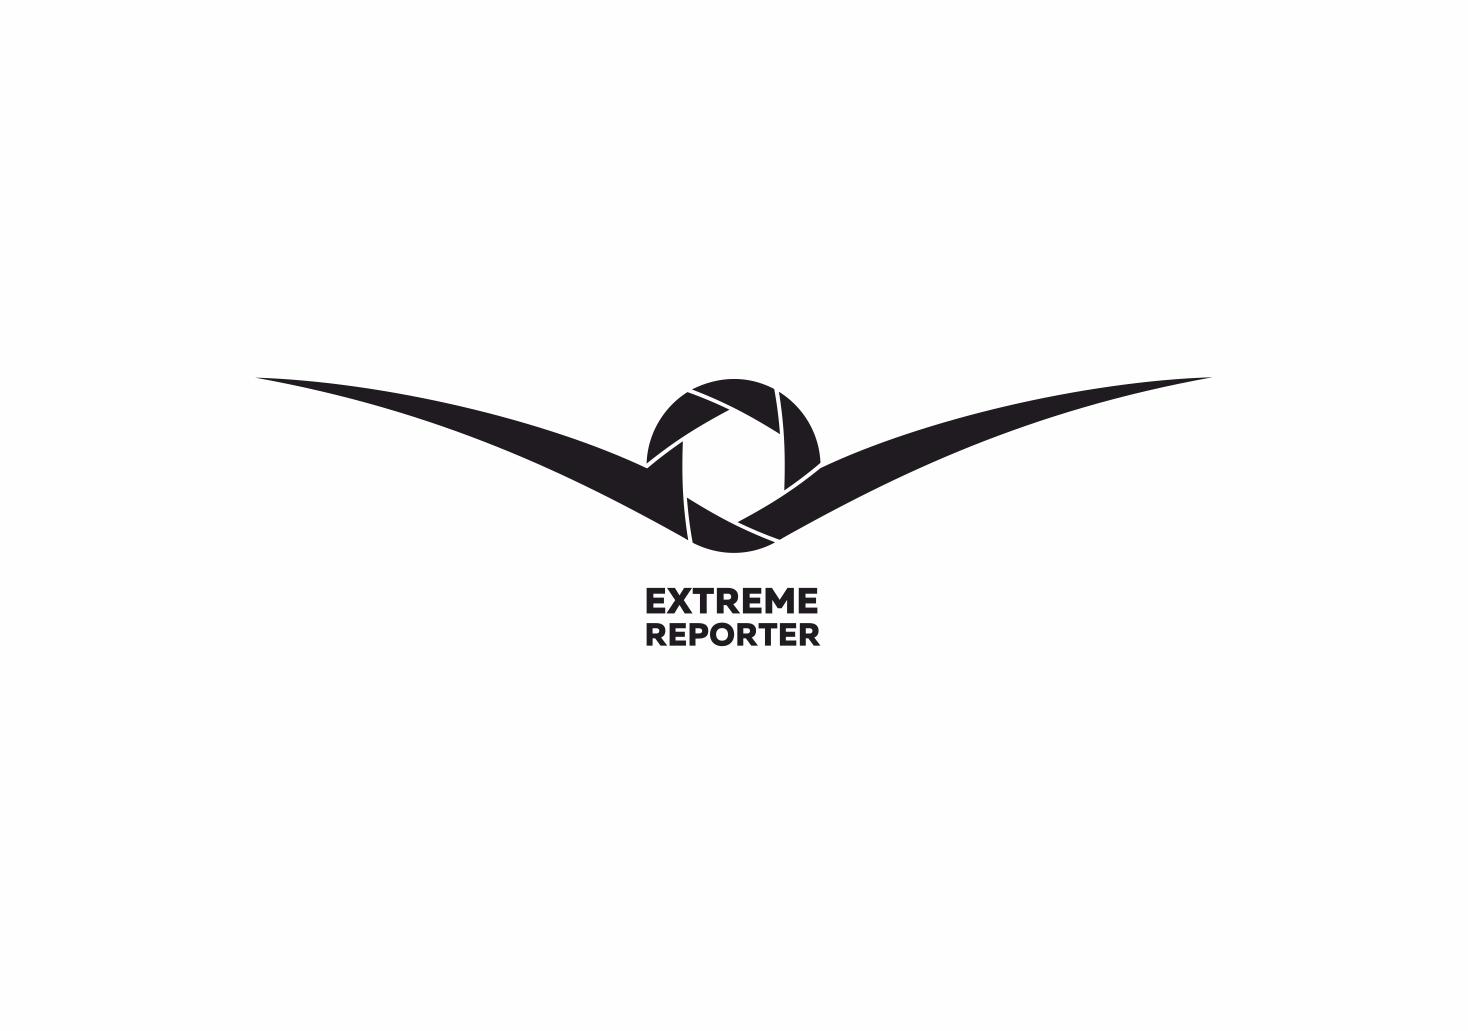 Логотип для экстрим фотографа.  фото f_3785a559fca94dd0.png